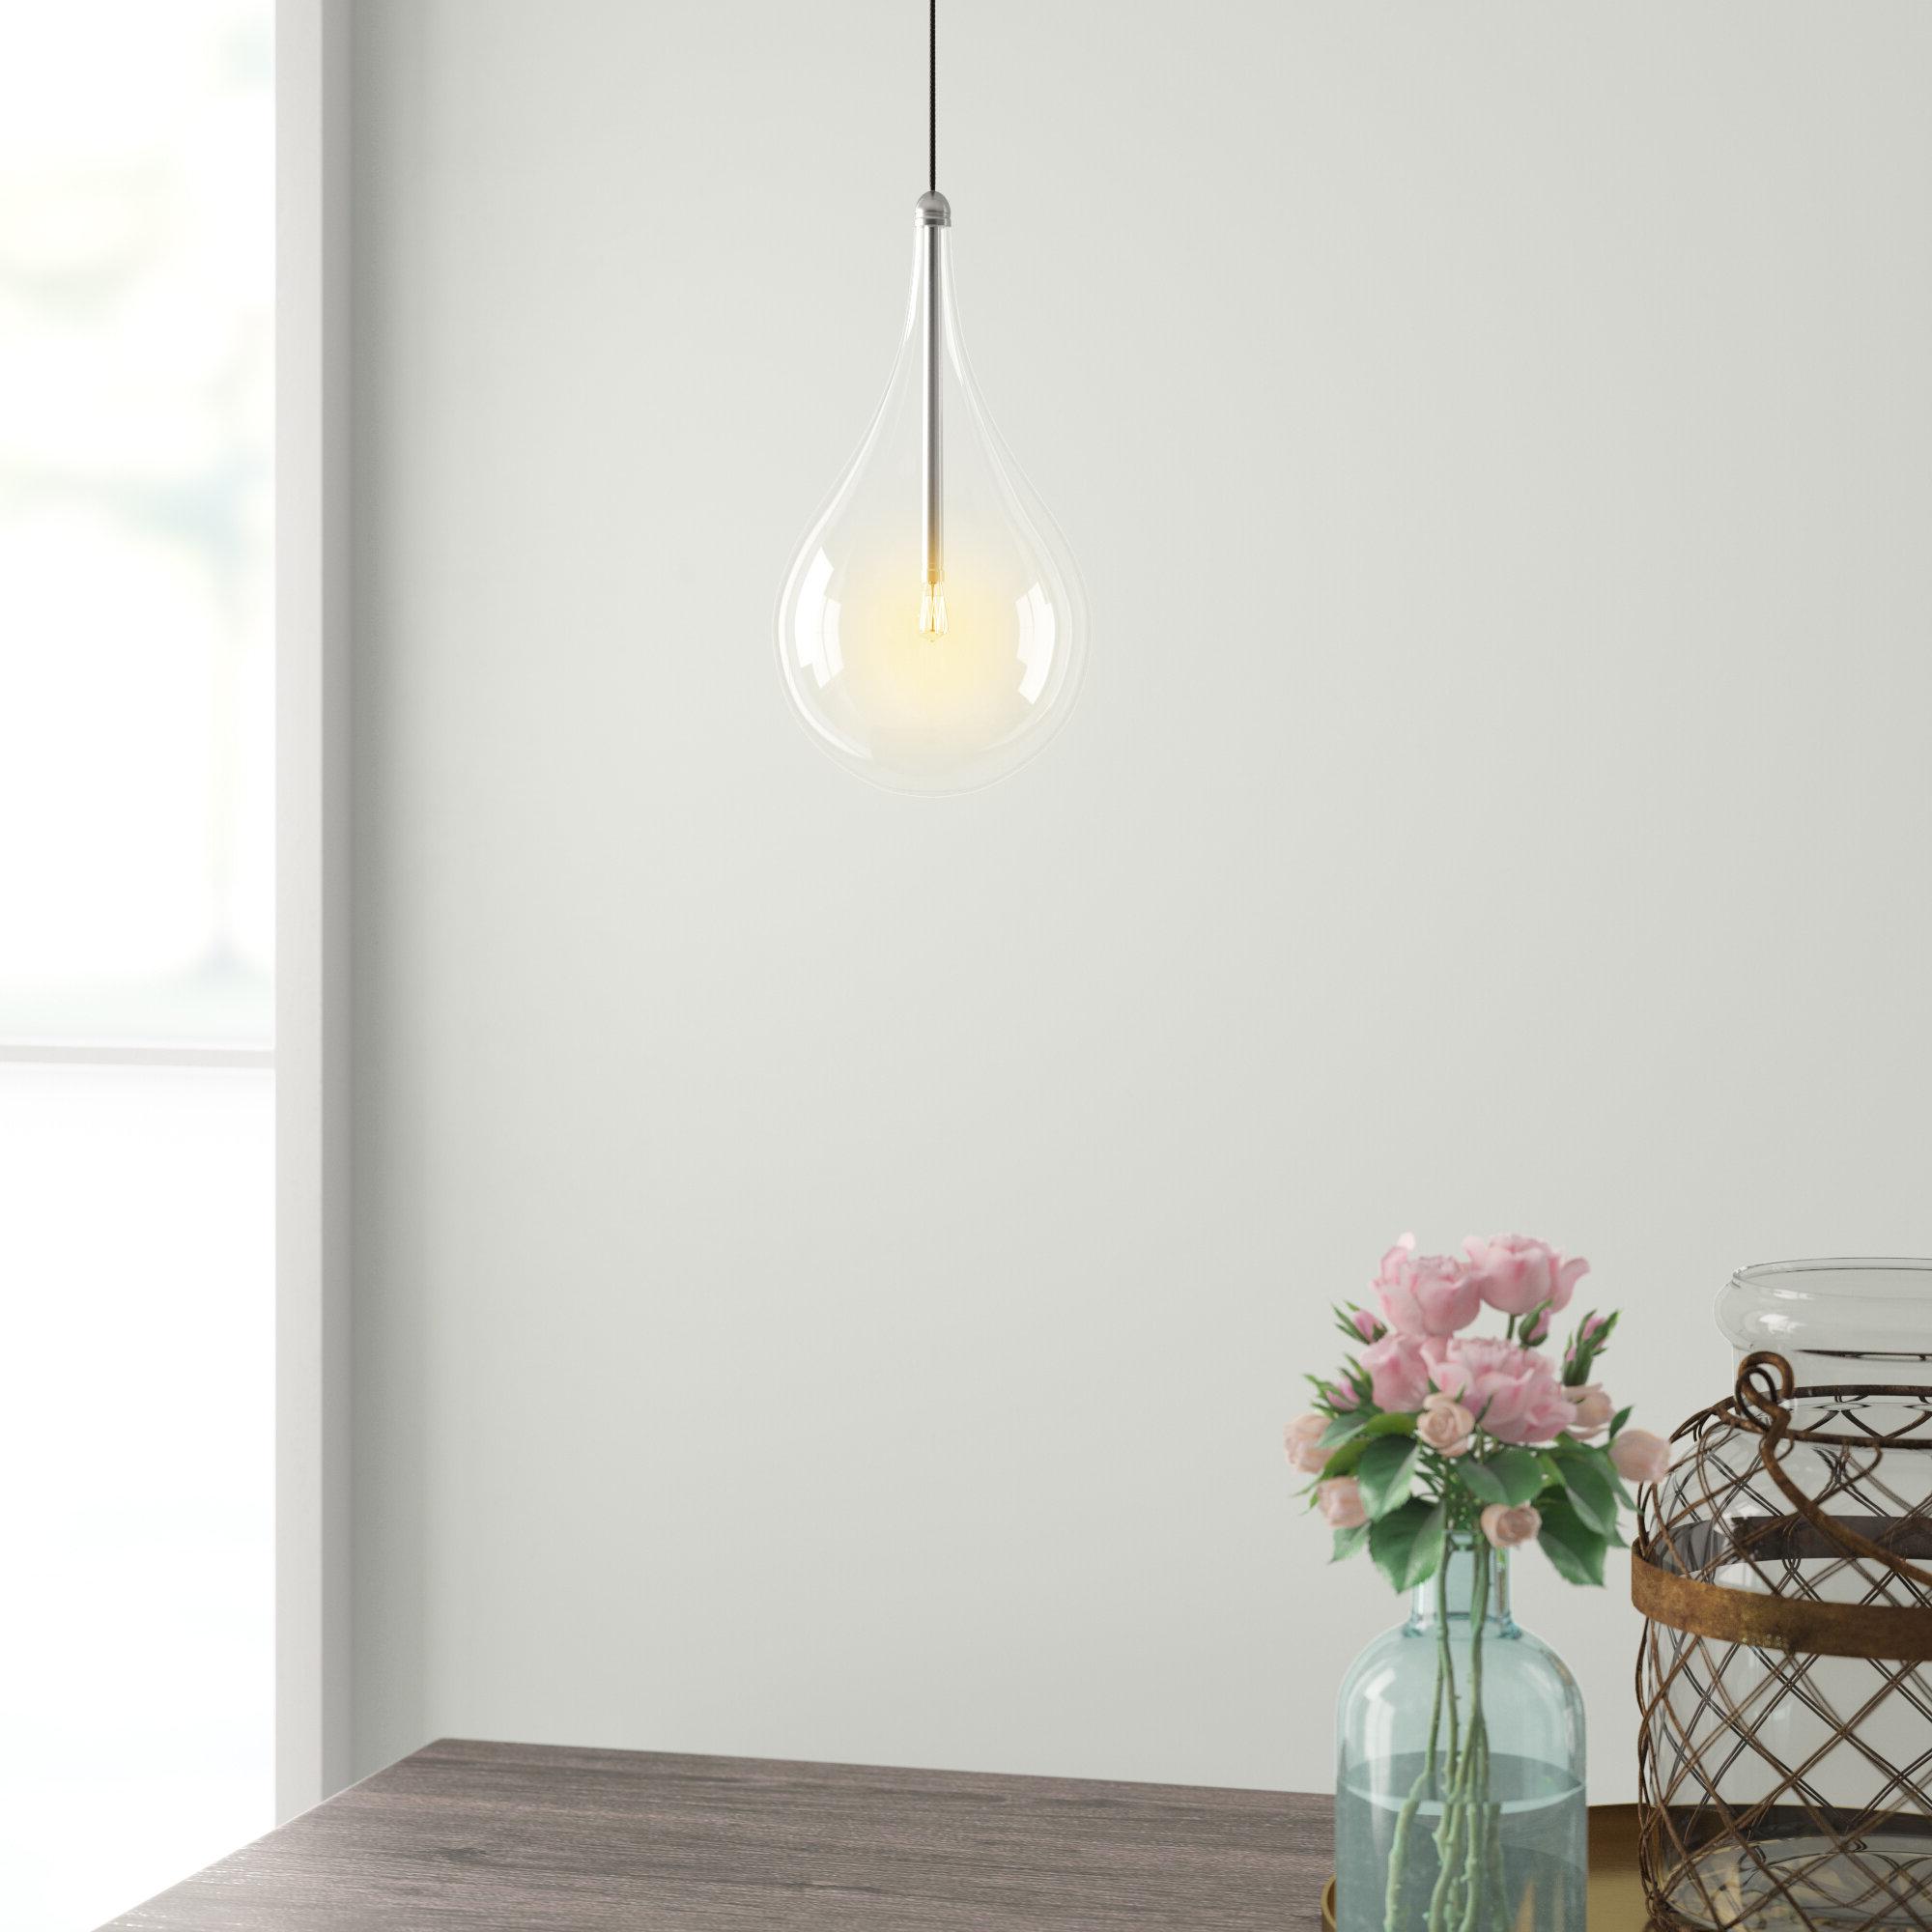 Neal 5 Light Kitchen Island Teardrop Pendants With Preferred Neal 1 Light Single Teardrop Pendant (Gallery 10 of 20)